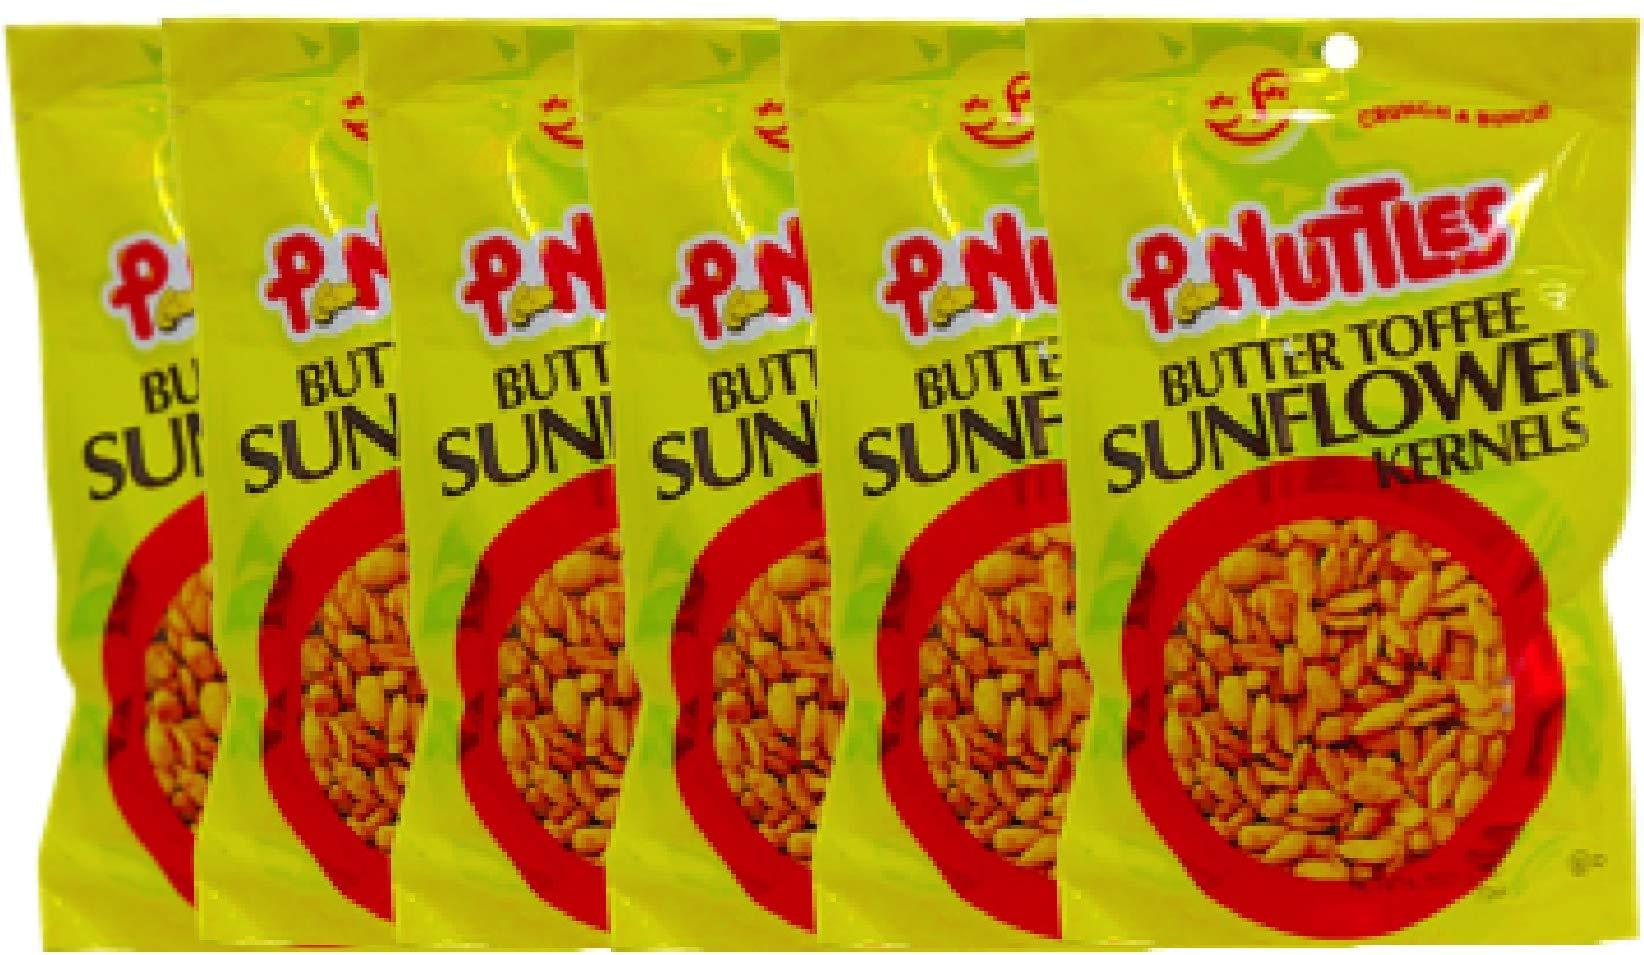 NEW Pnuttles Butter Toffee Sunflower Kernels Net Wt 4.5 Oz (6)